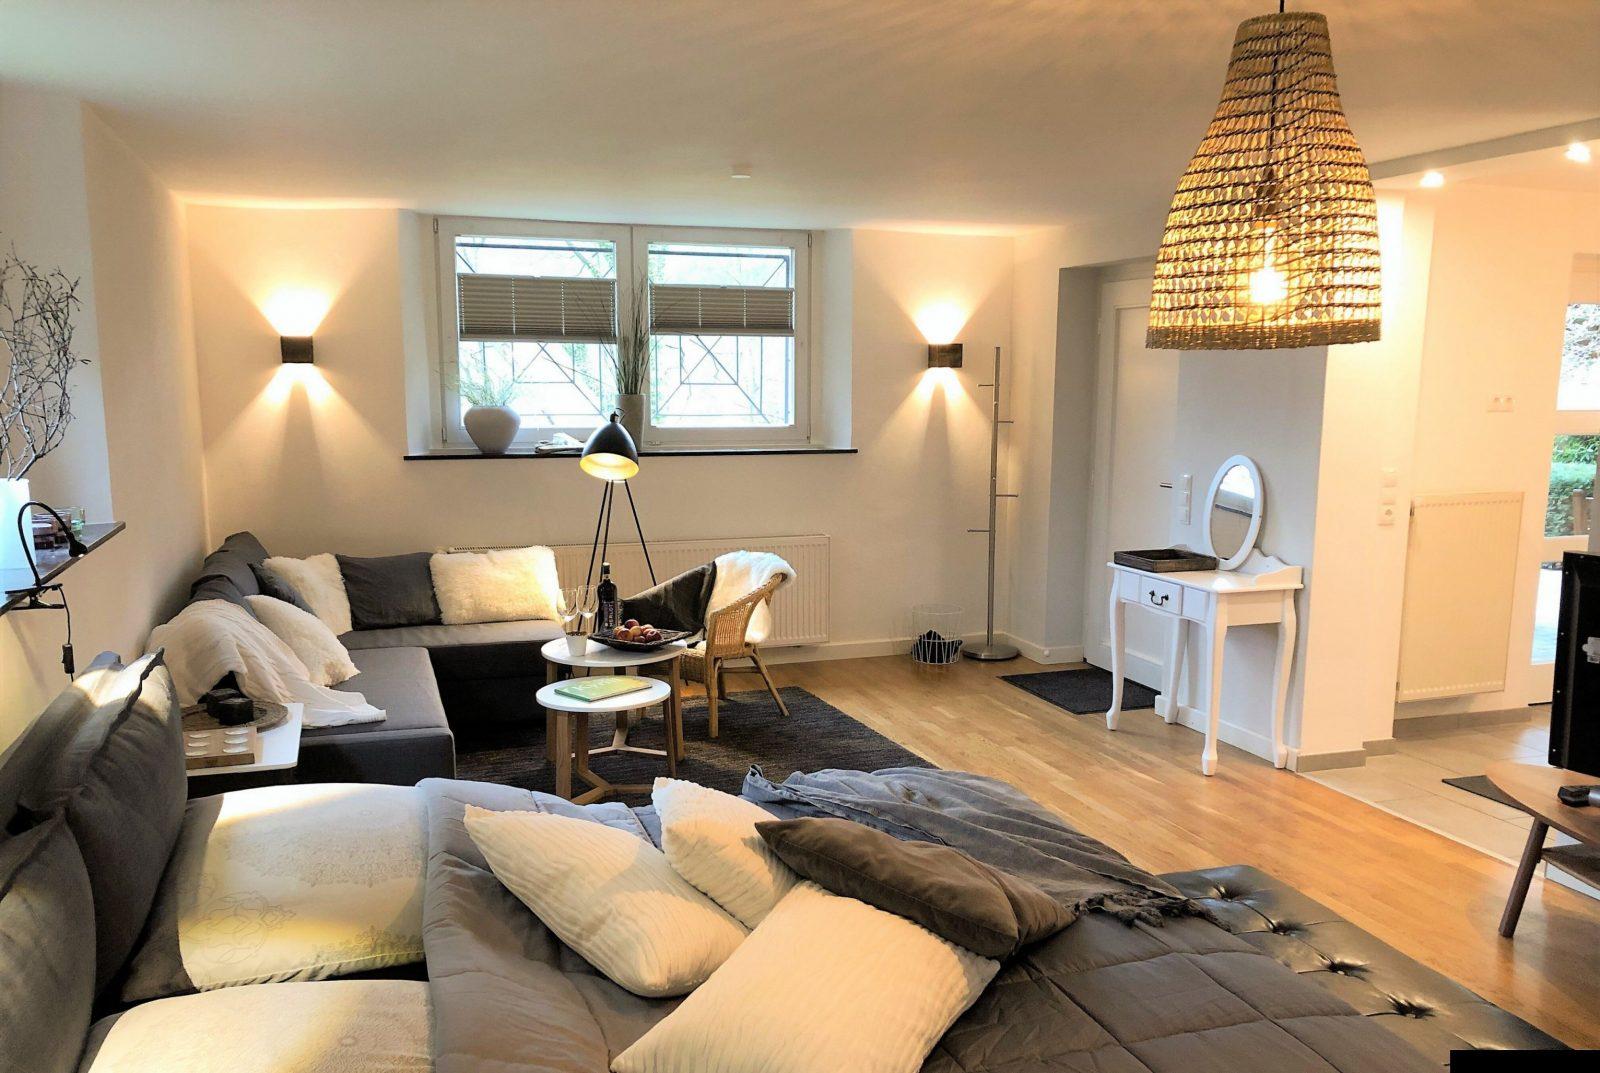 Wohnraum Im Keller — Temobardz Home Blog von Keller Als Wohnraum Genehmigung Photo